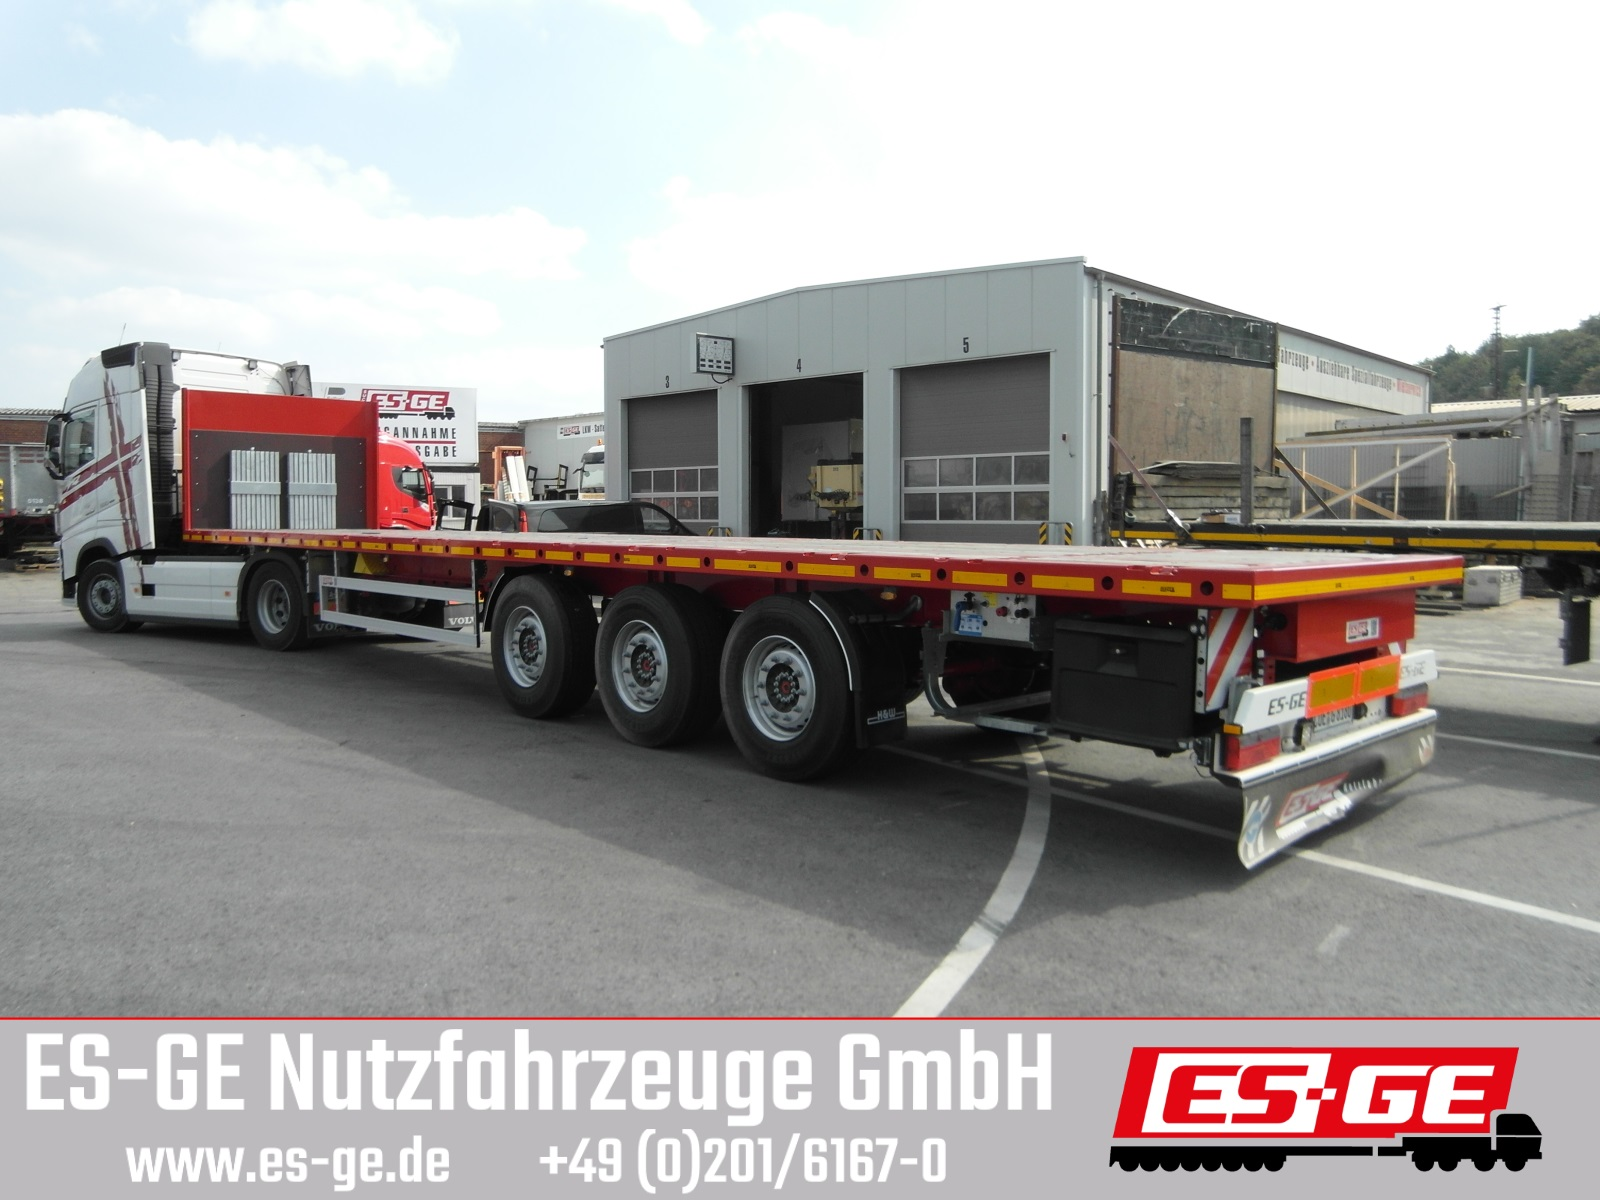 ES-GE 3-Achs-Sattelanhänger mit Rungen